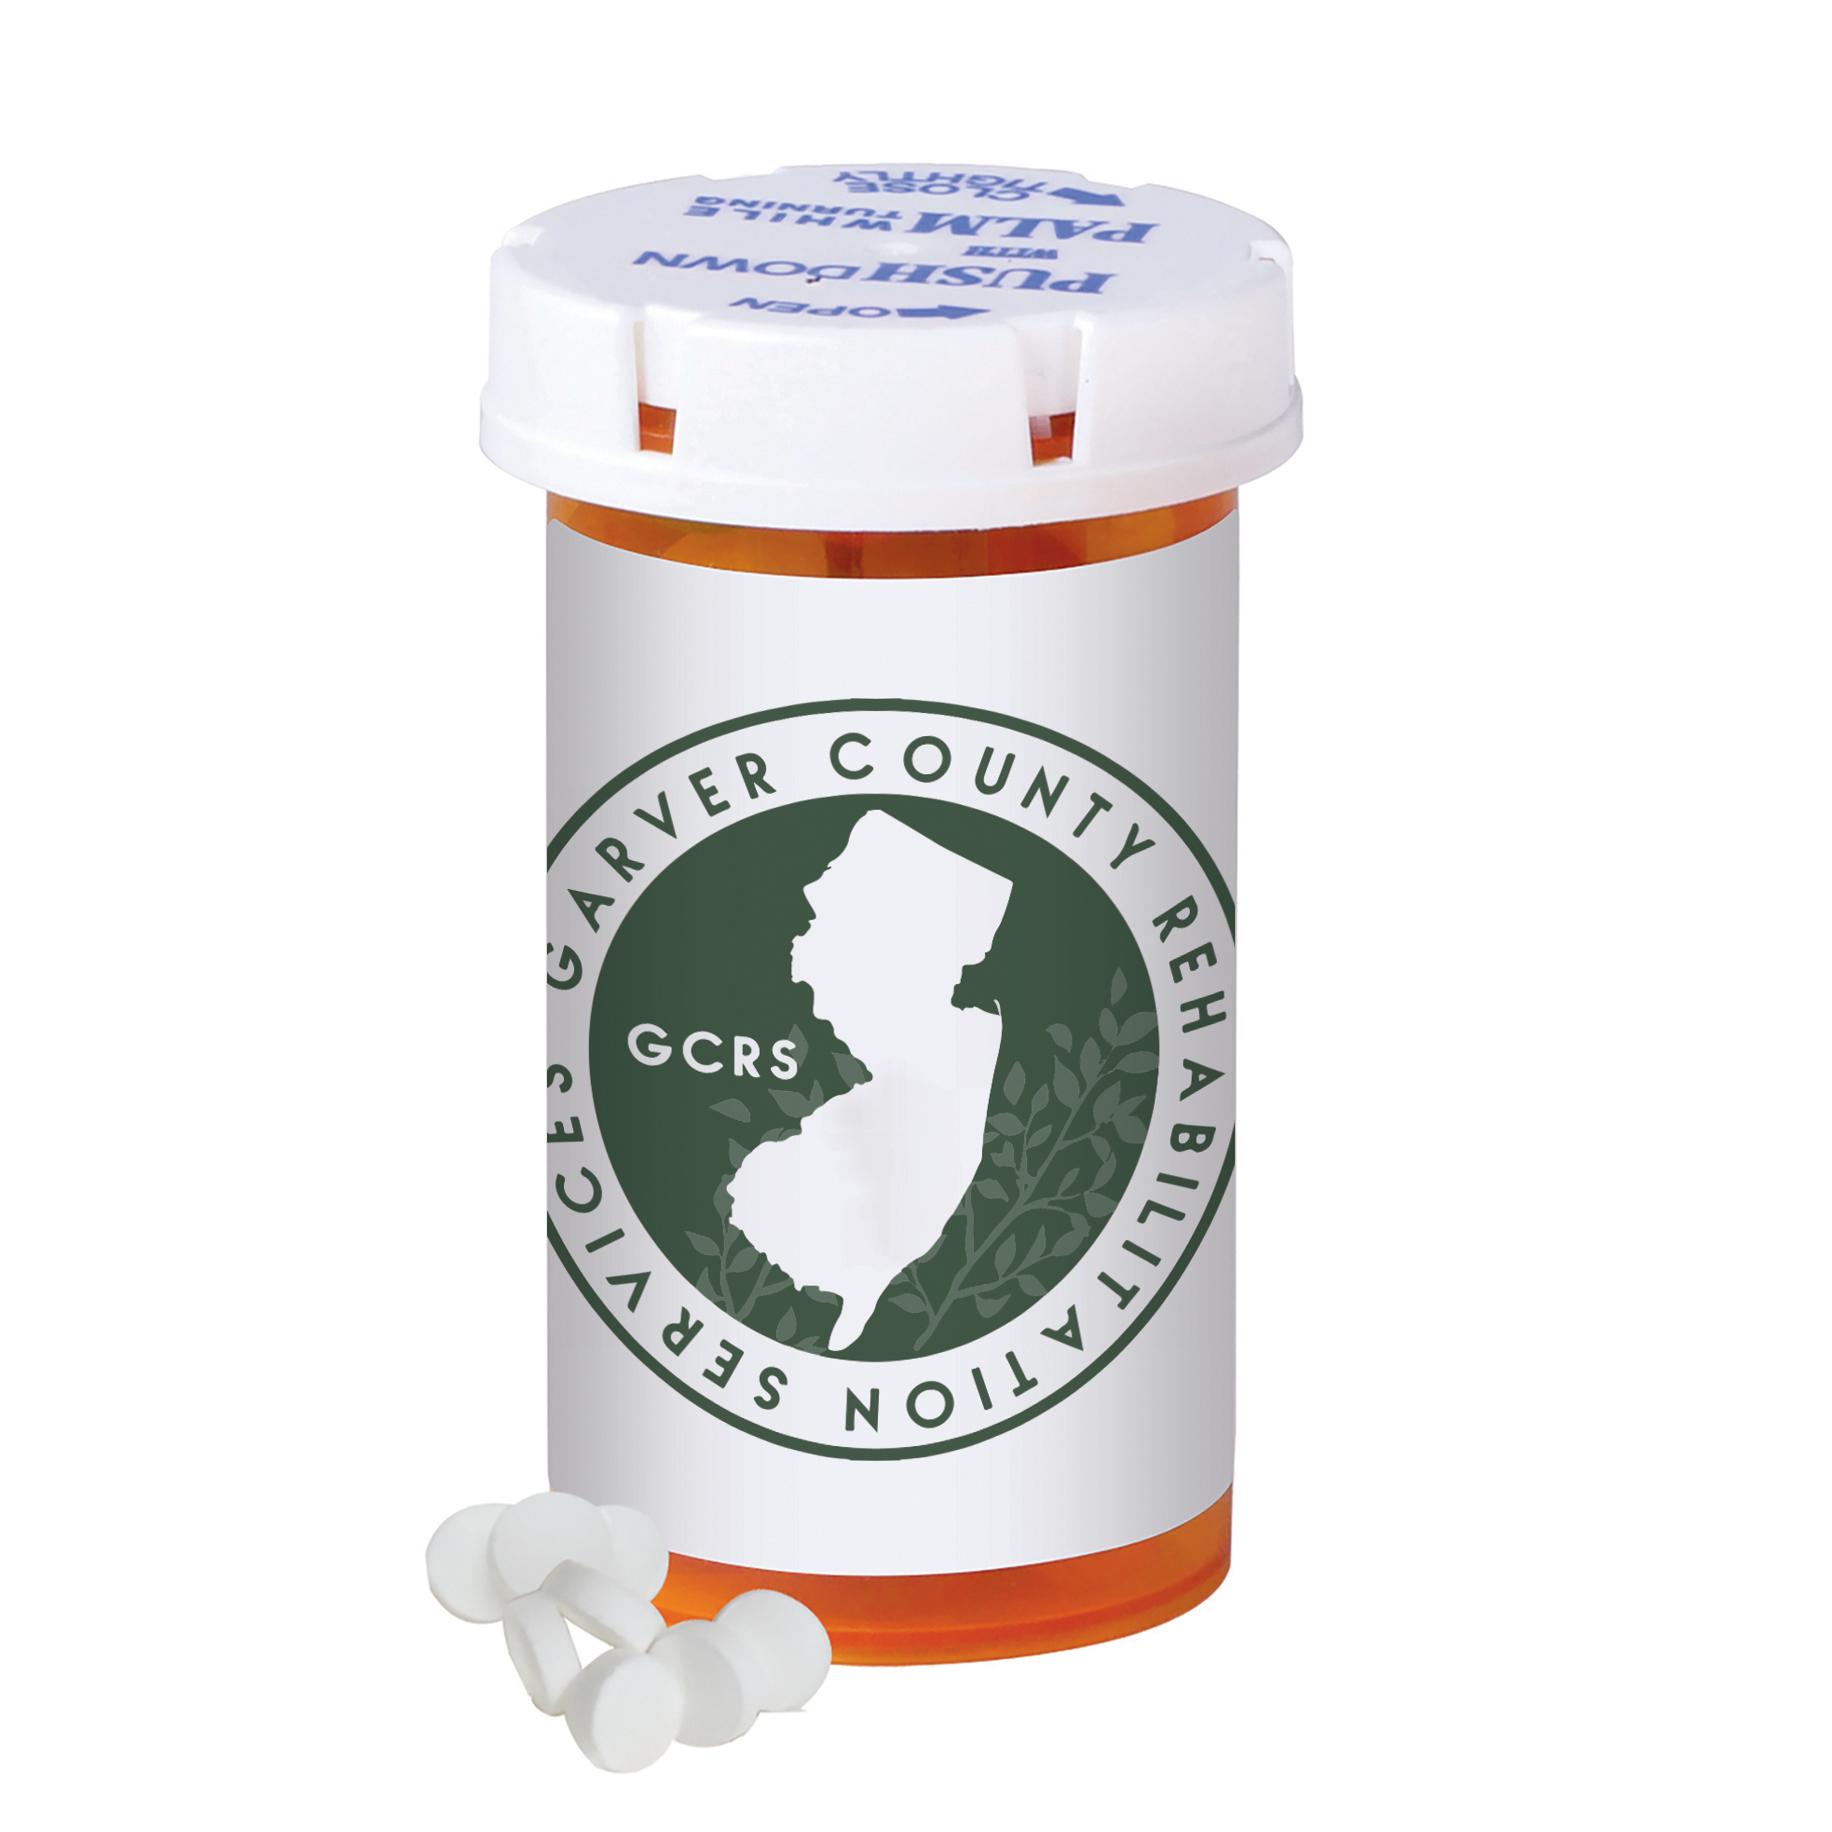 Mini Mints in a Small Pill Bottle